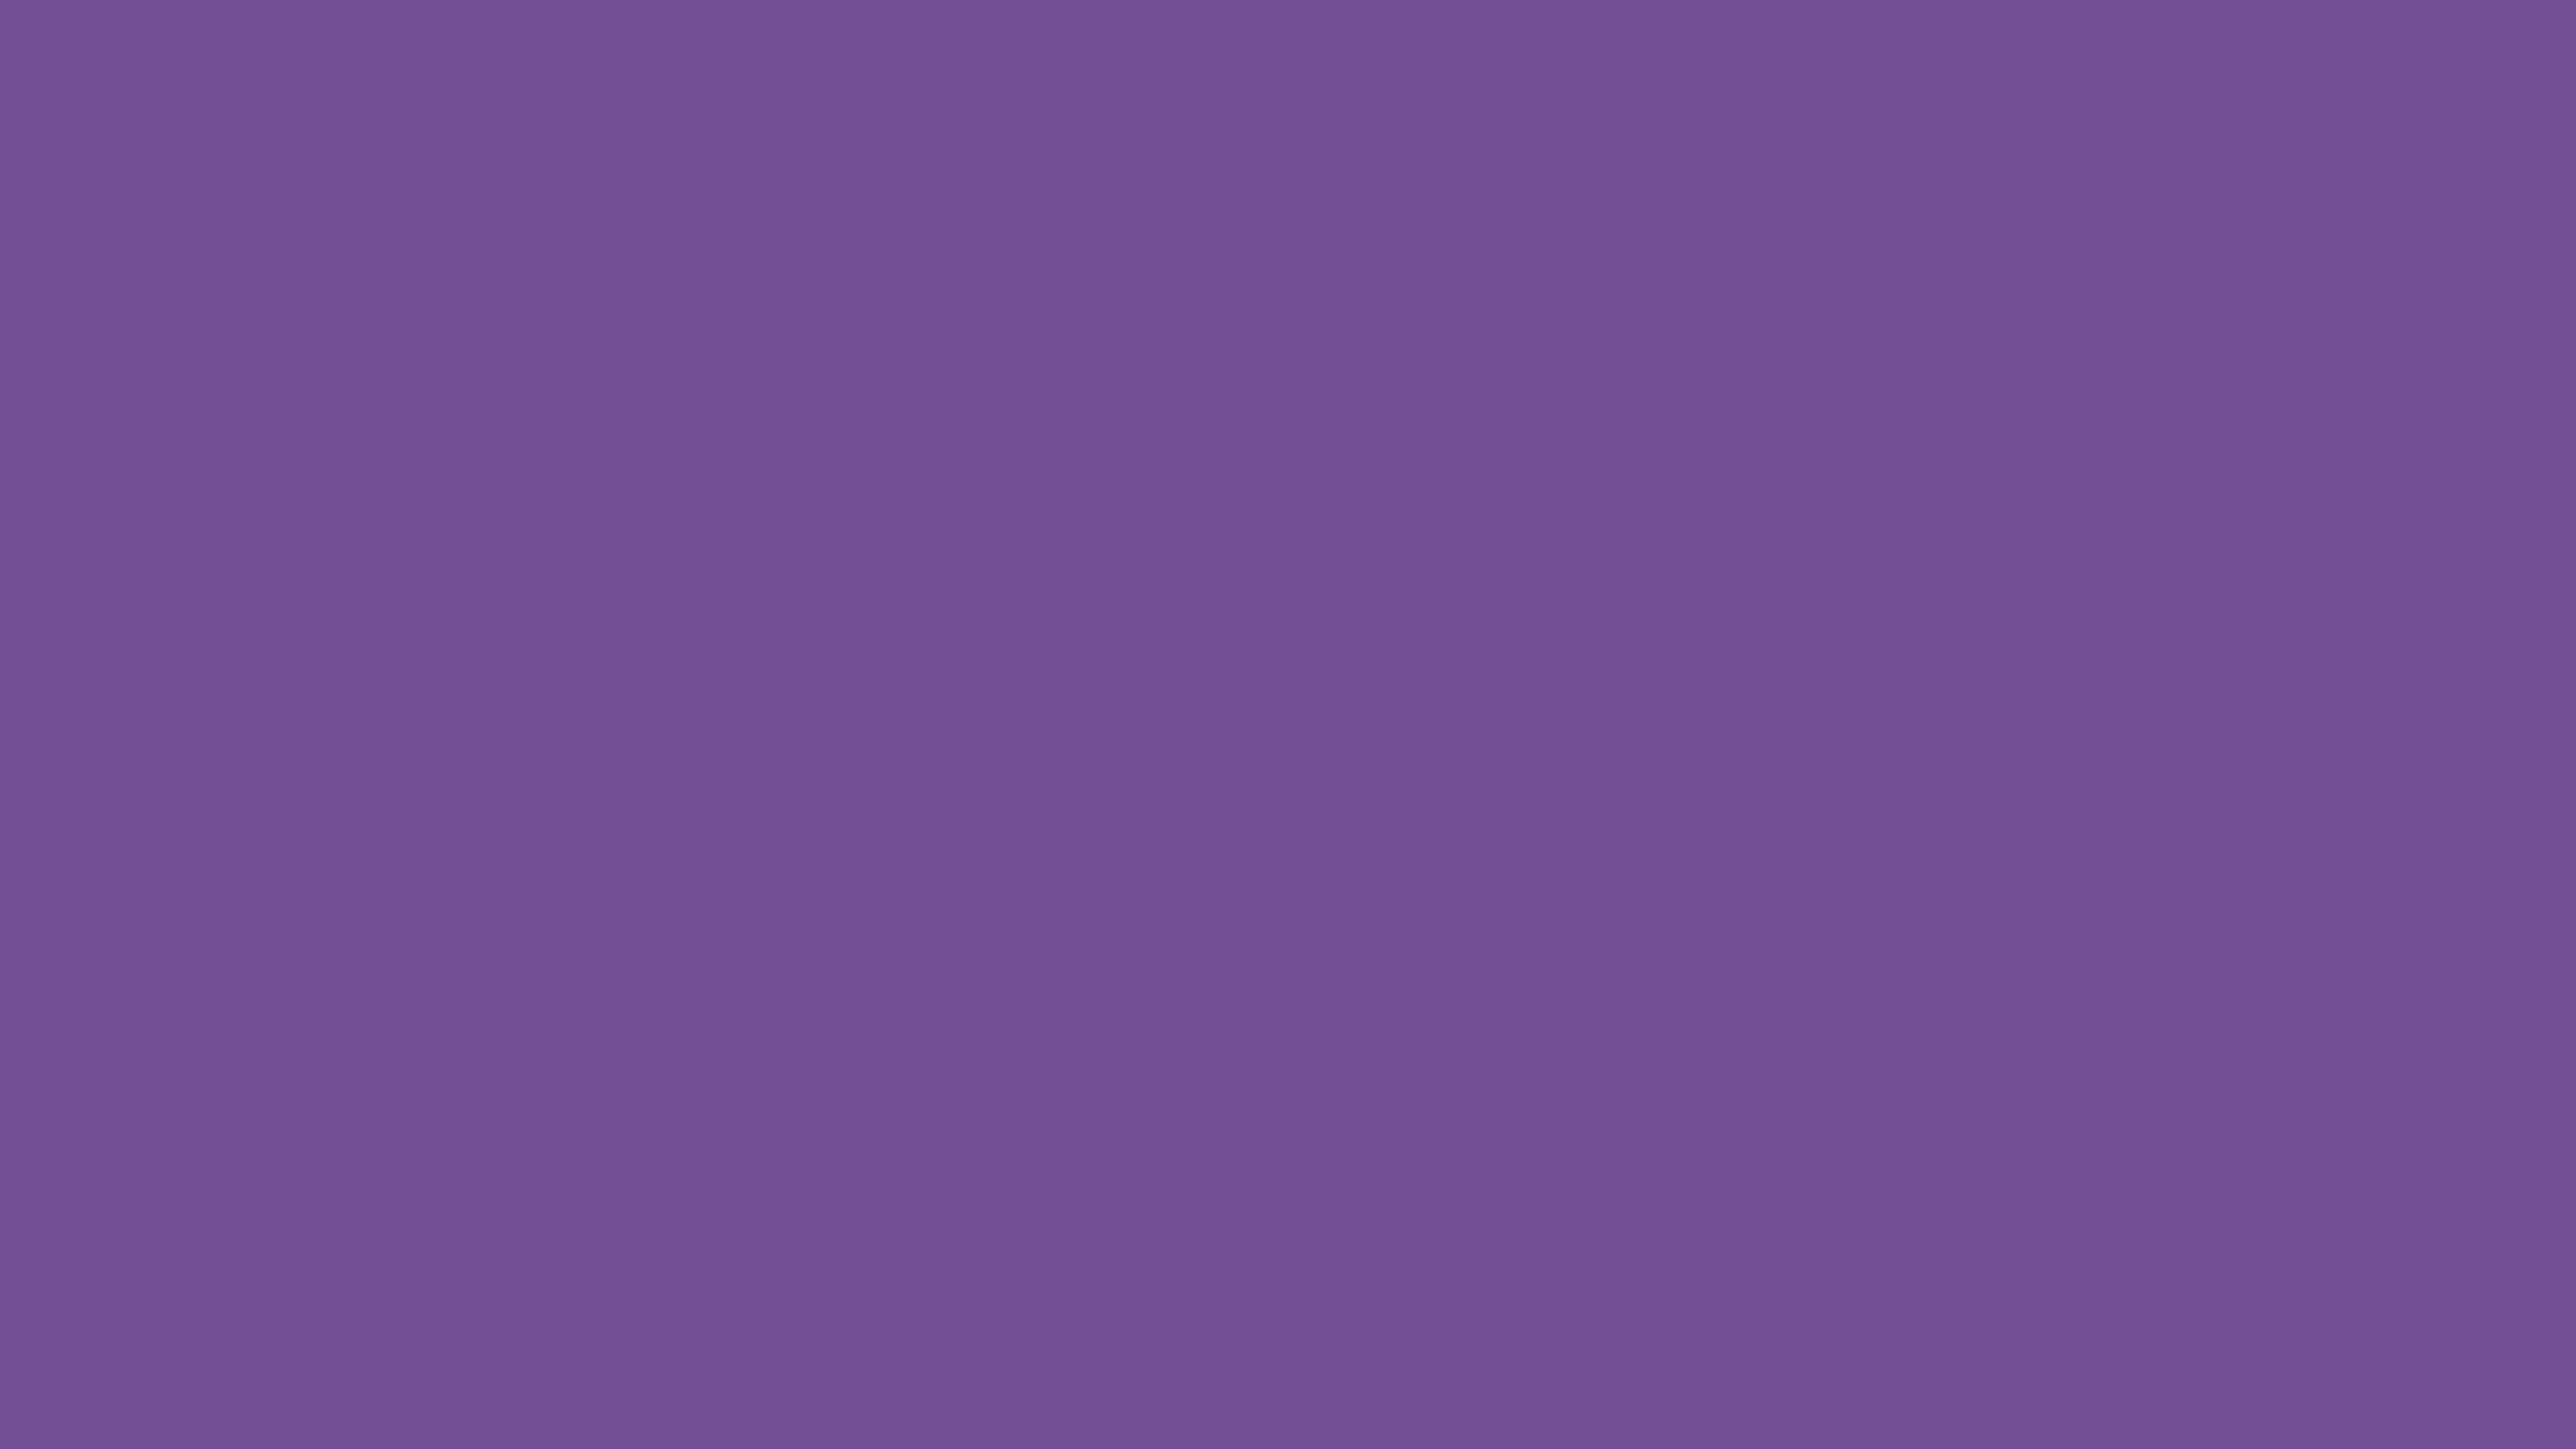 3840x2160 Dark Lavender Solid Color Background